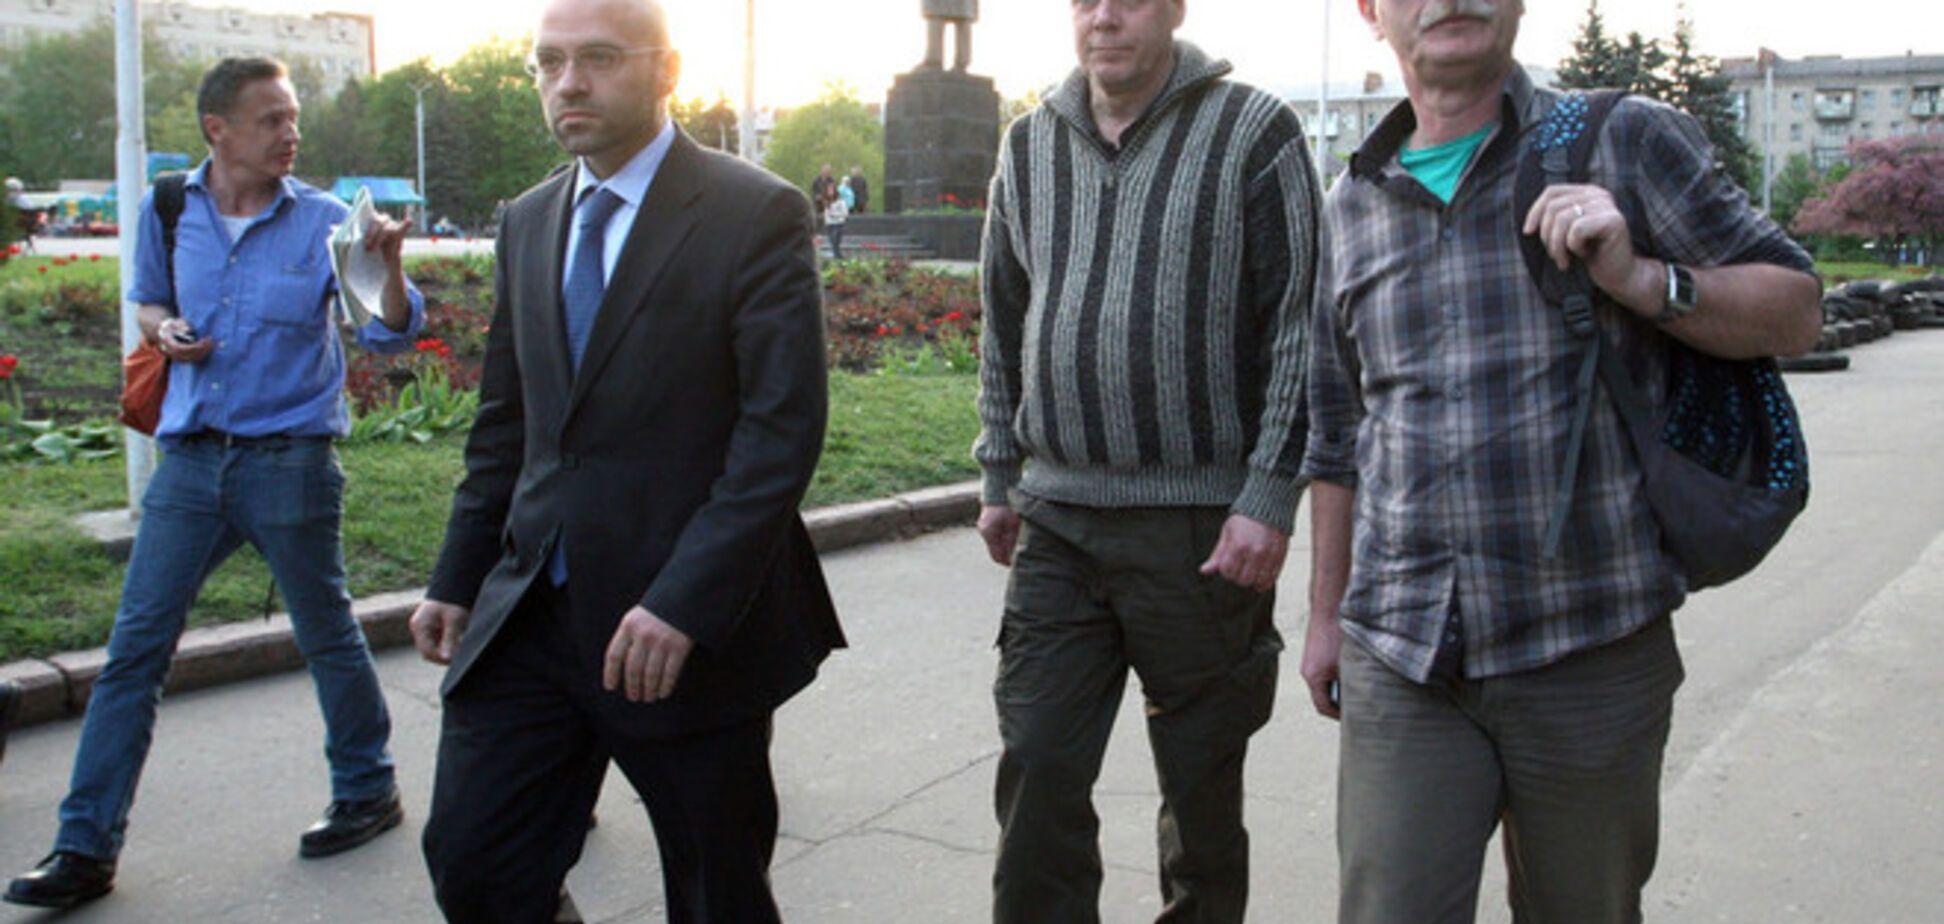 Одного из захваченных в Славянске инспекторов ОБСЕ отпустили, других - не планируют